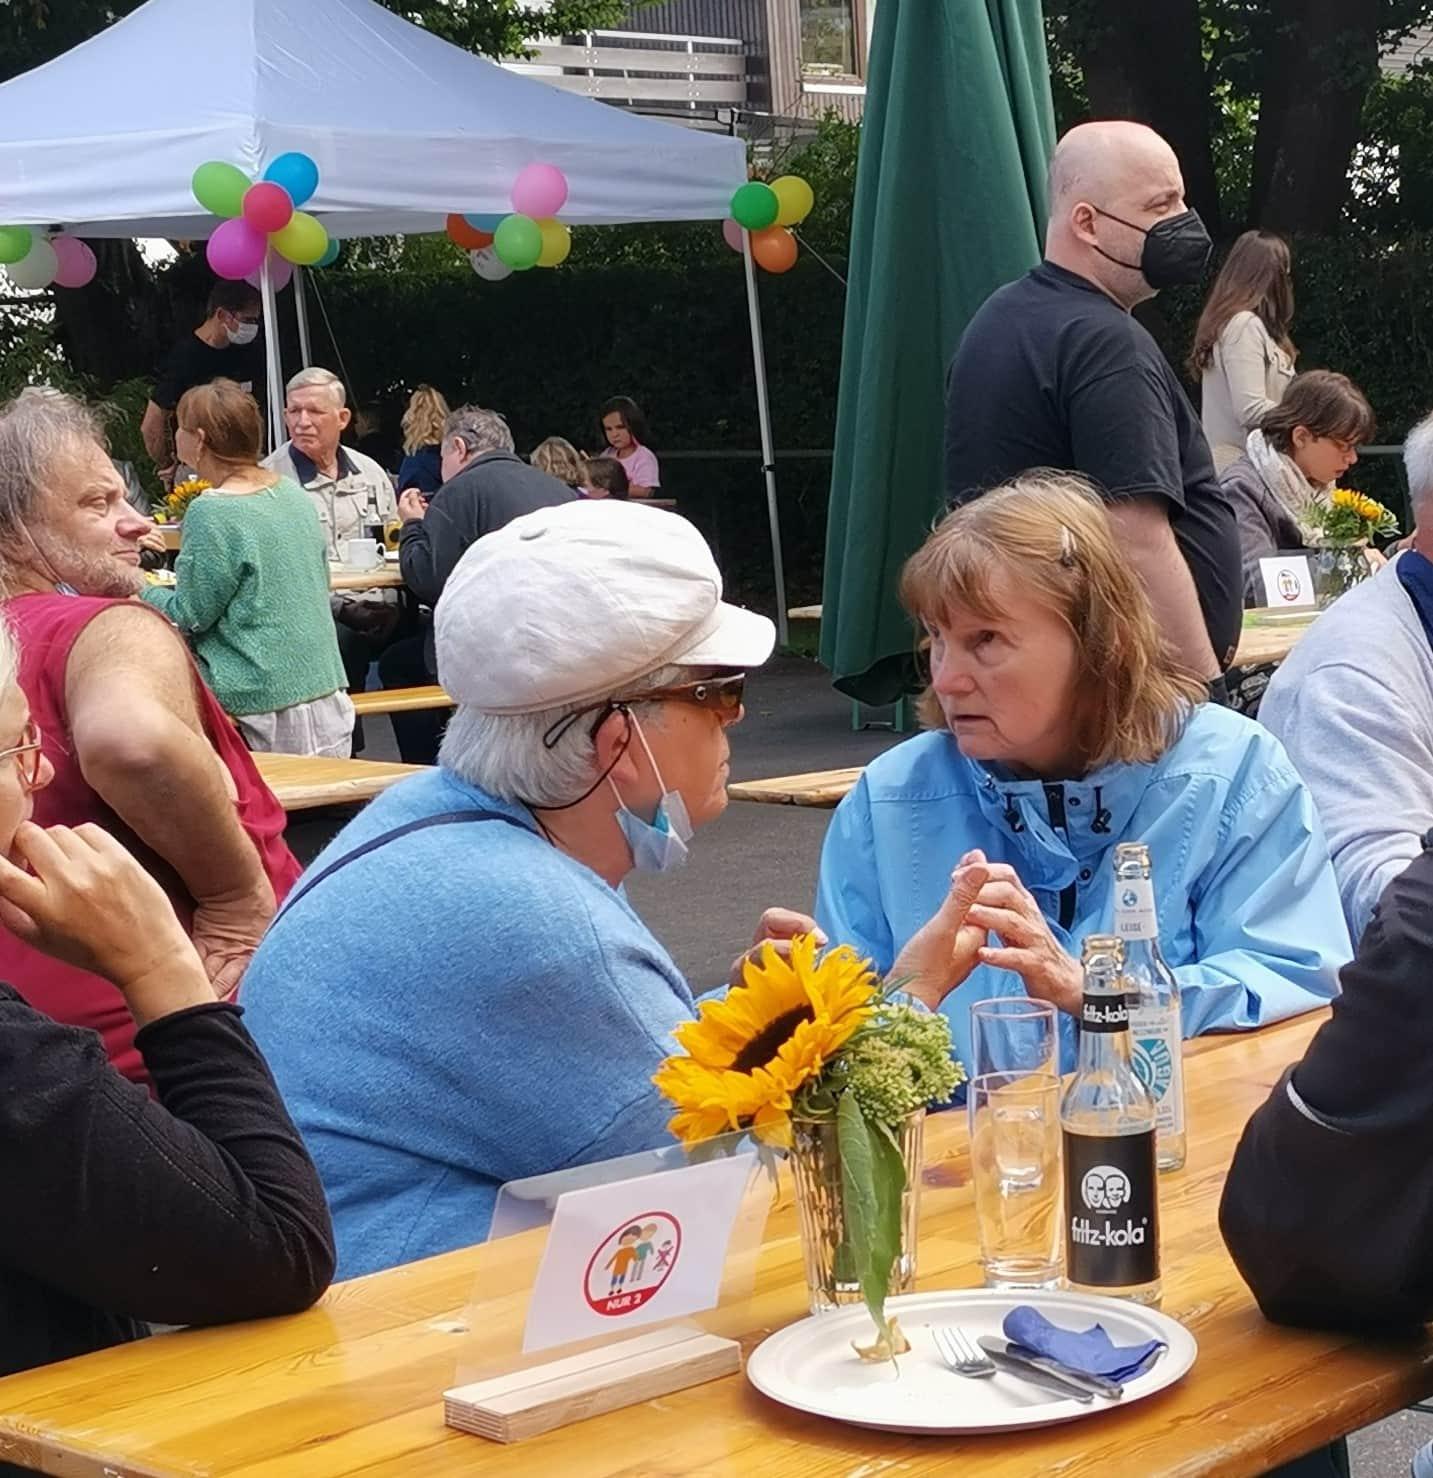 Gäste sitzen draußen am Tisch, zwei Frauen lormen